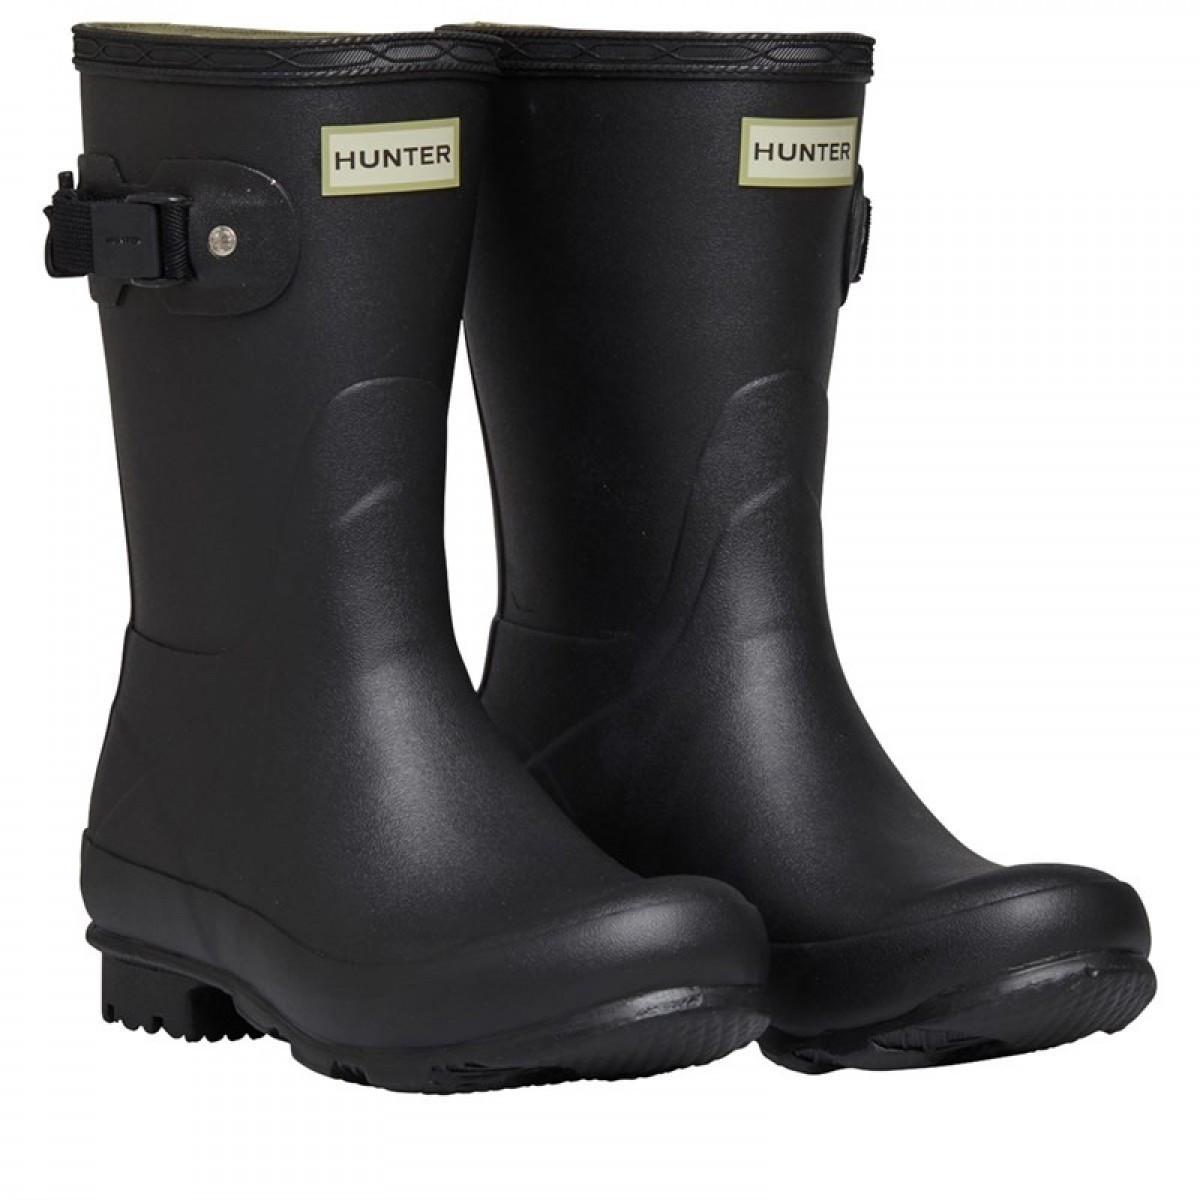 Ботинки Hunter Norris Field Short Wellington Black Black - Оригинал, фото 1